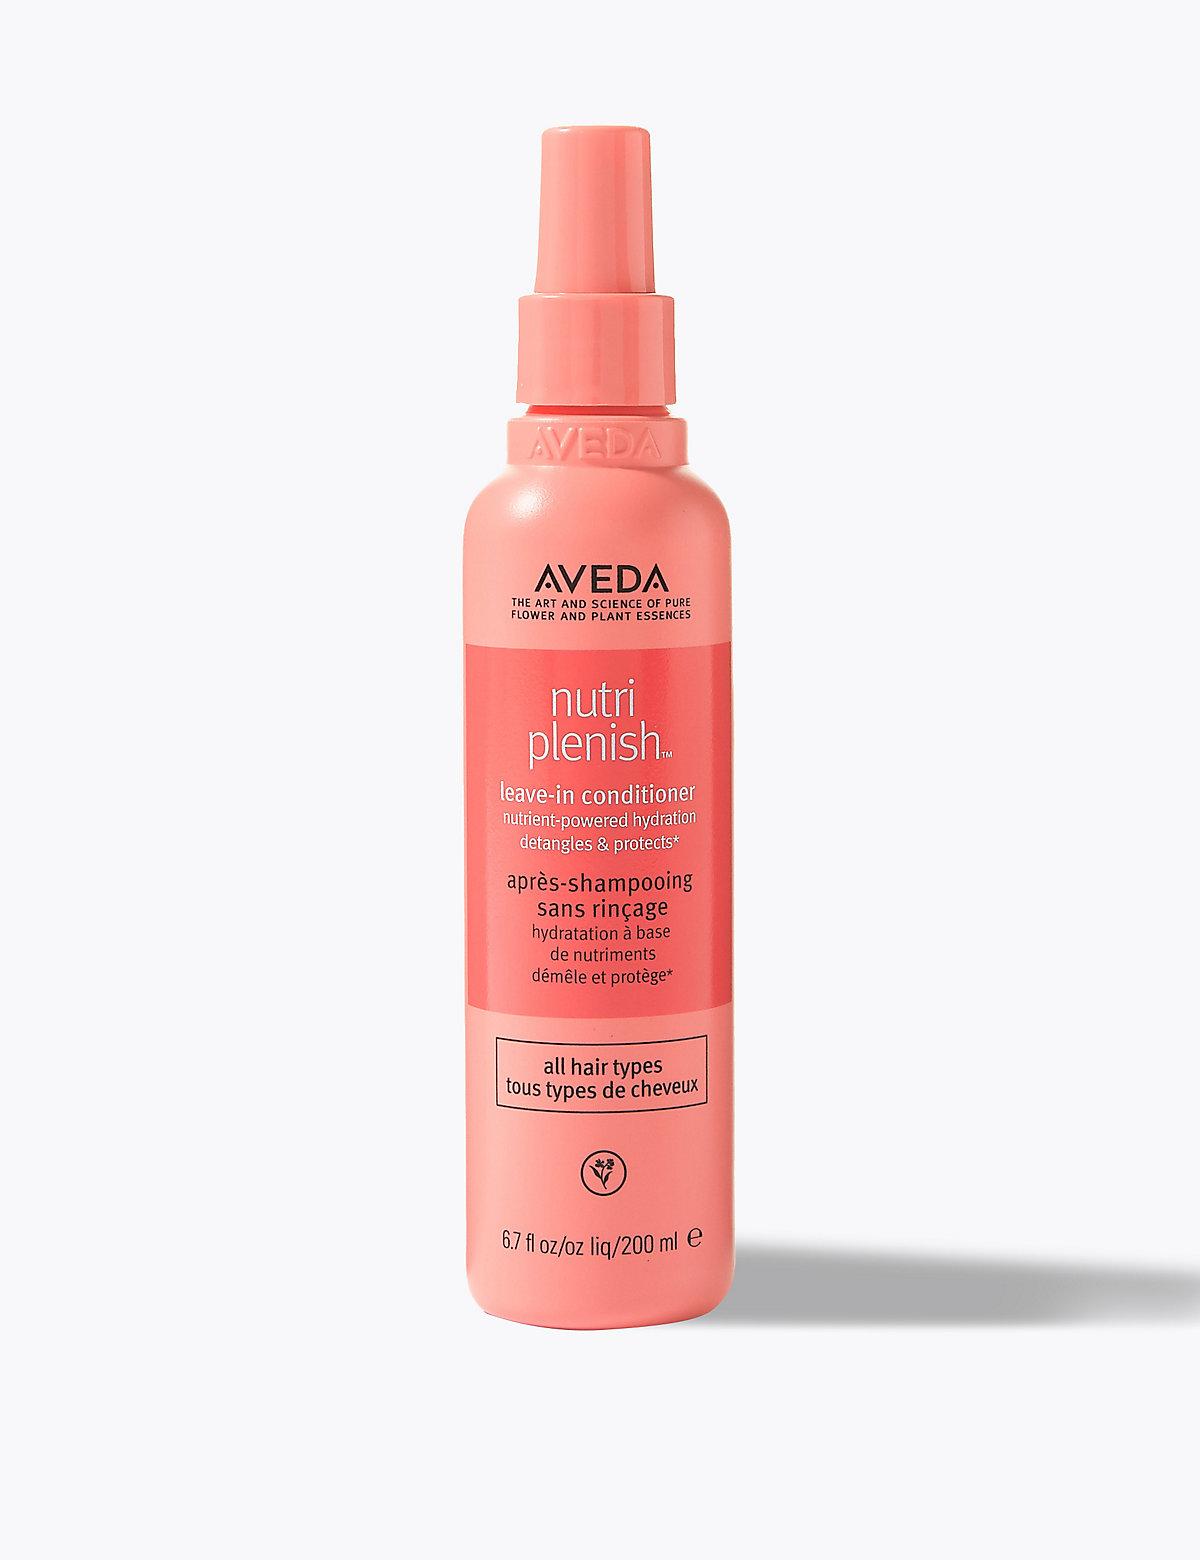 AVEDA NutriPlenish Vitamin Leave in Conditioner Spray 250ml